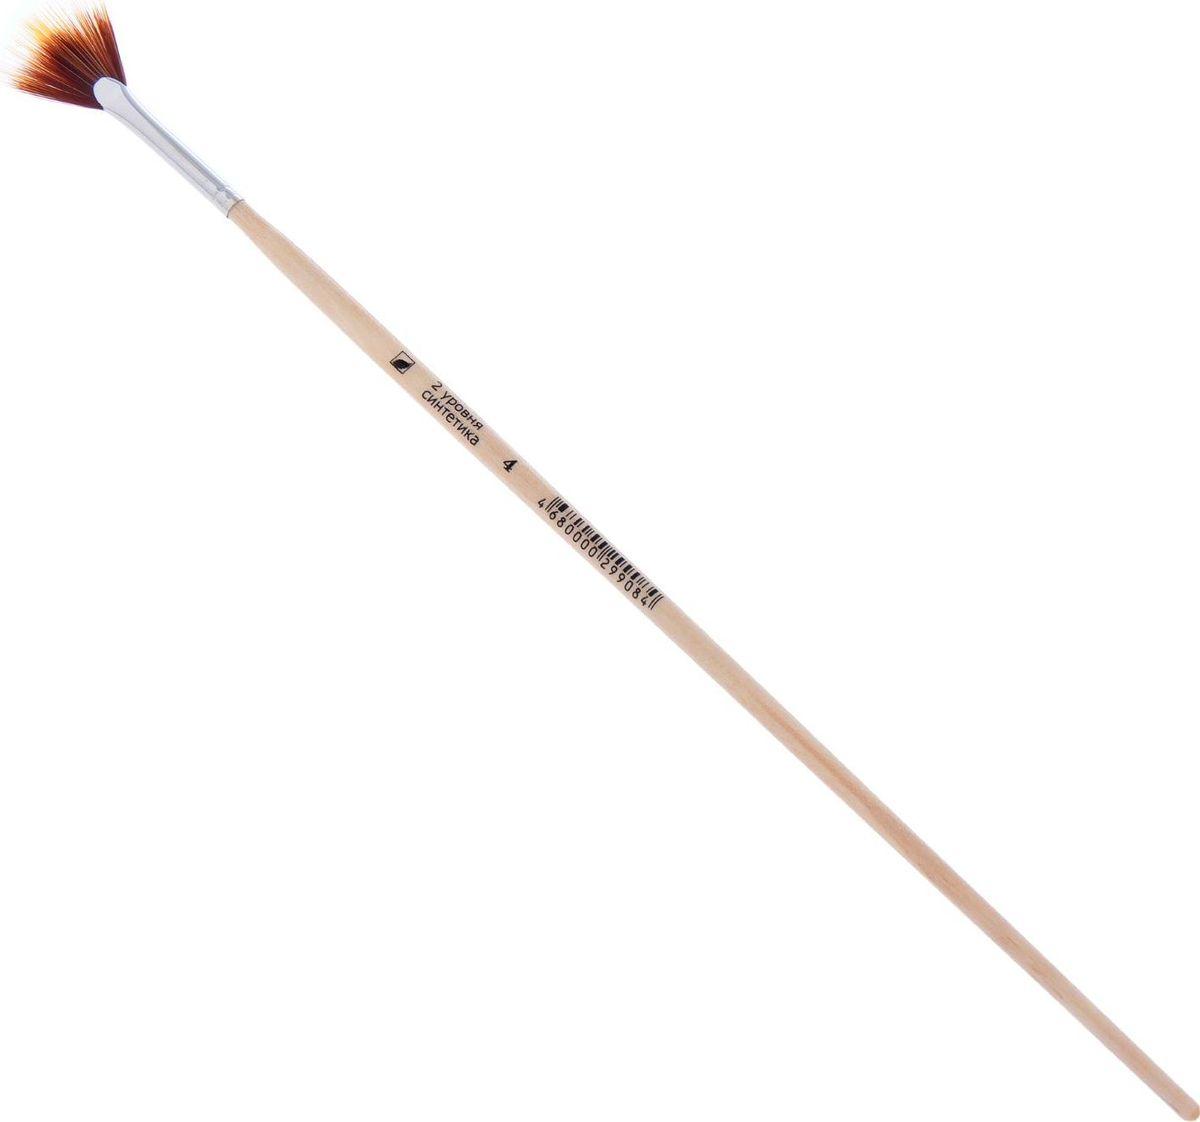 Альбатрос Кисть Хобби из нейлона веерная № 41195749Художественная кисть Хобби изготовлена из синтетического материала с двухуровневой выставкой волоса разной плотности. Такая форма позволяет выполнять фигурные мазки, имитирующие разнообразную текстуру: дерево, траву, ткань и другие. Изделие имеет покрытую глянцевым лаком деревянную ручку и алюминиевую цельнотянутую обойму. Инструмент предназначен для создания растяжек и смягчения контрастов. Его можно использовать сухим - для затенения - и влажным - для создания эффекта испещрения полосками. Кисть Хобби поможет вам творить и вдохновит на создание новых шедевров!